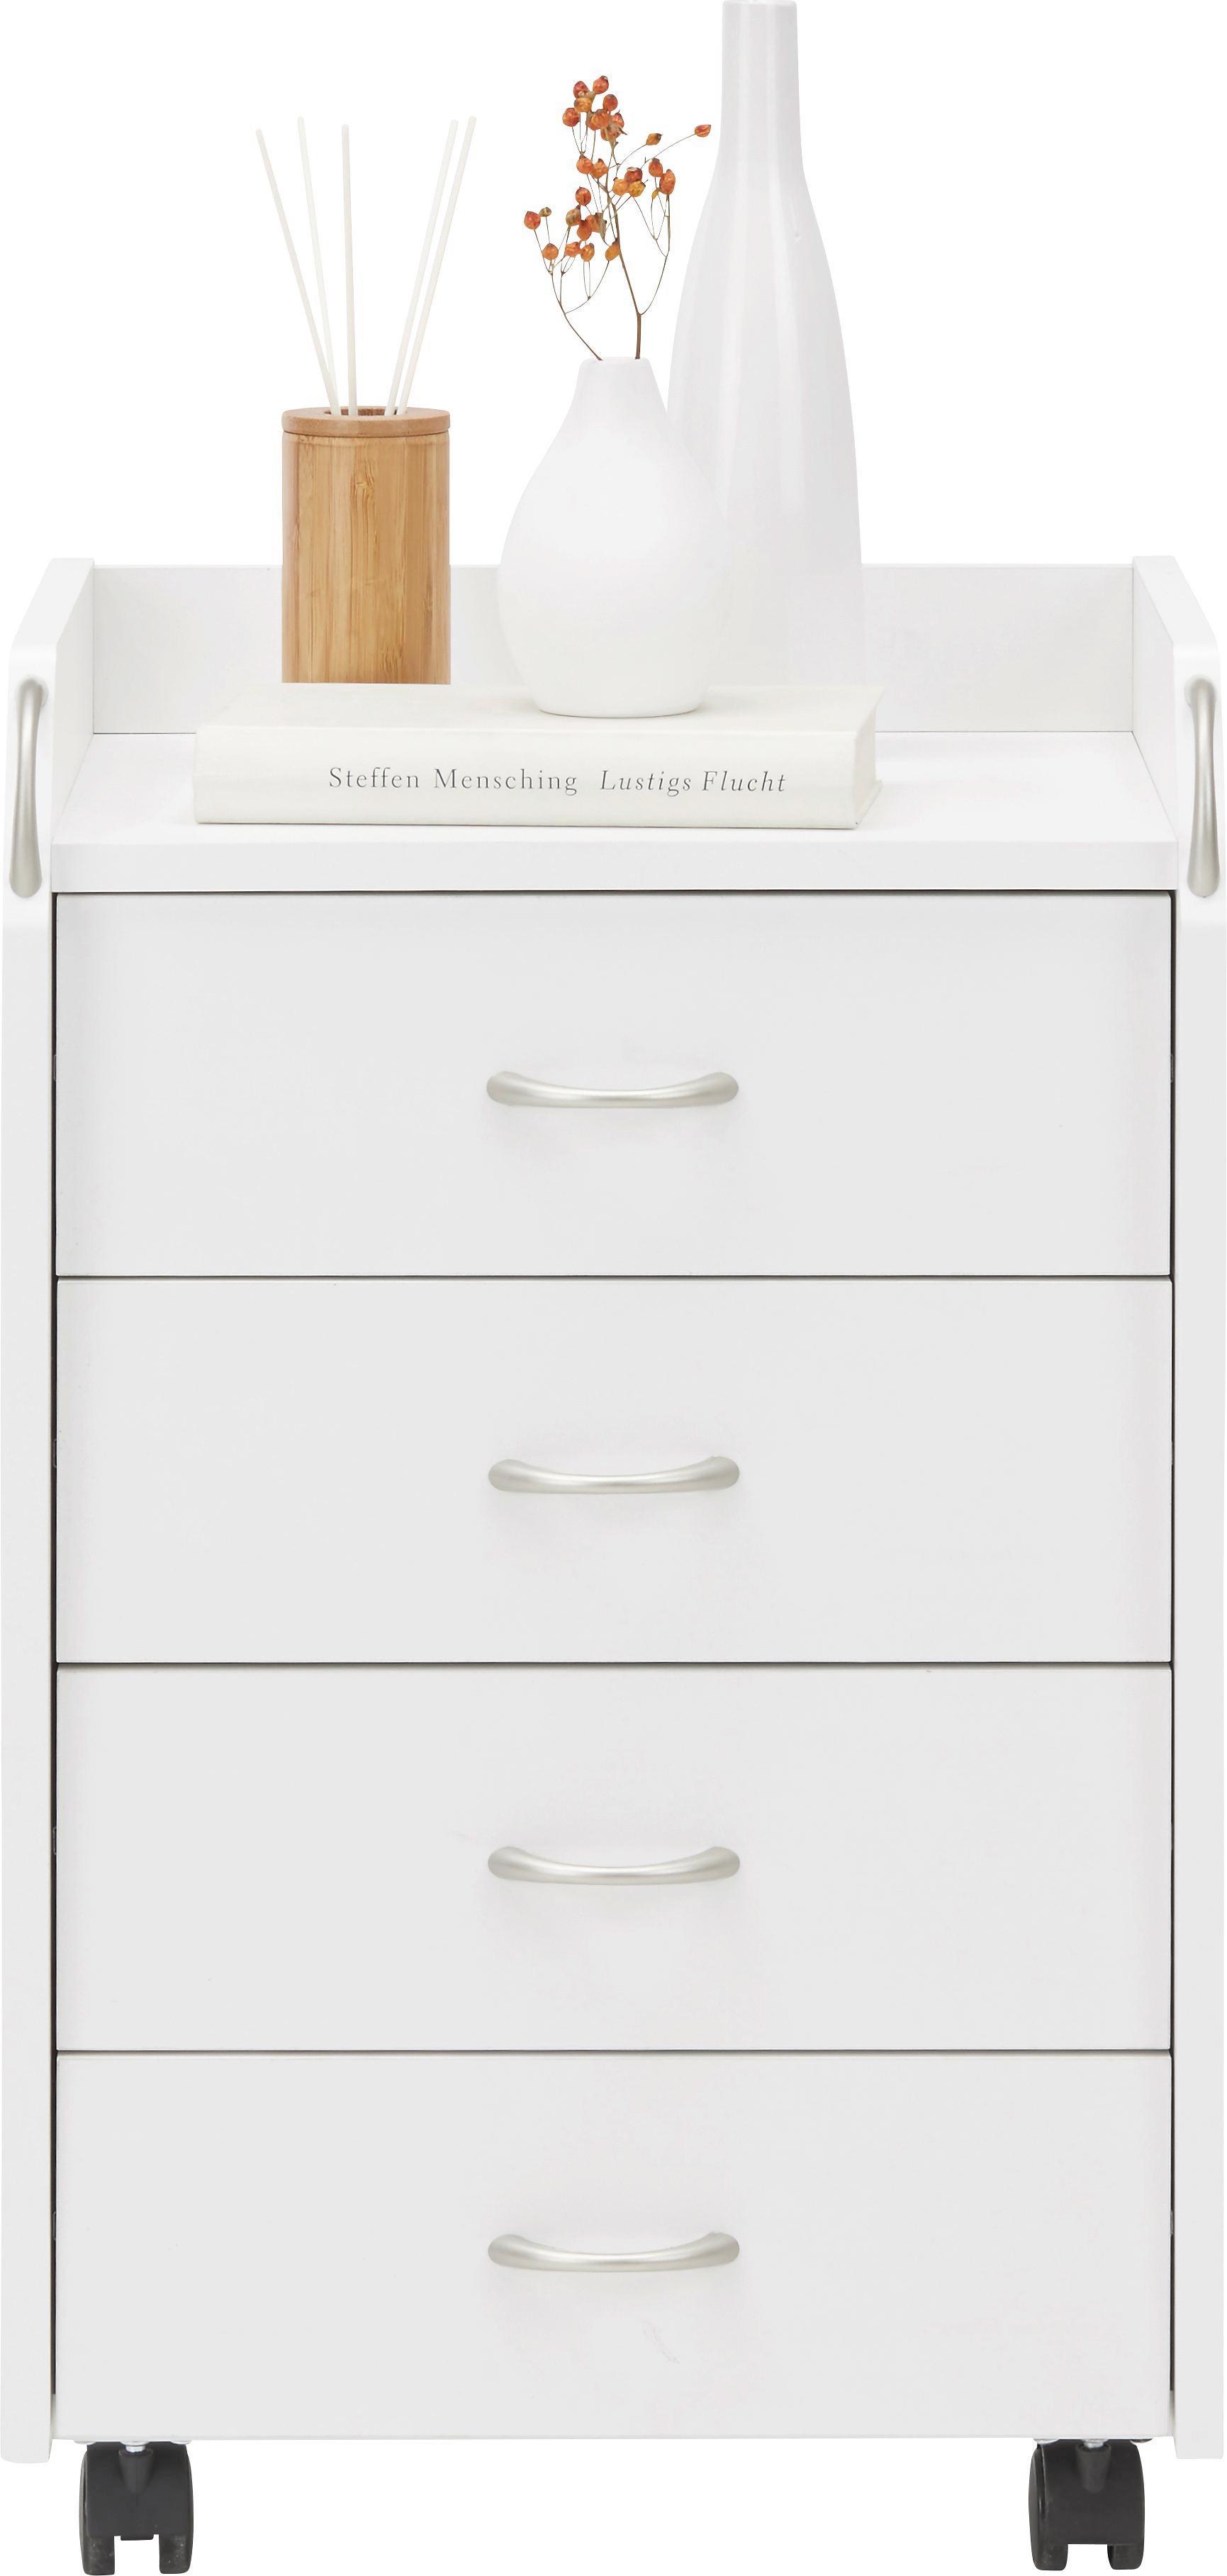 Rollcontainer kunststoff 3 schubladen  Rollcontainer Pronti in Weiß, 4 Schubladen online kaufen ➤ mömax